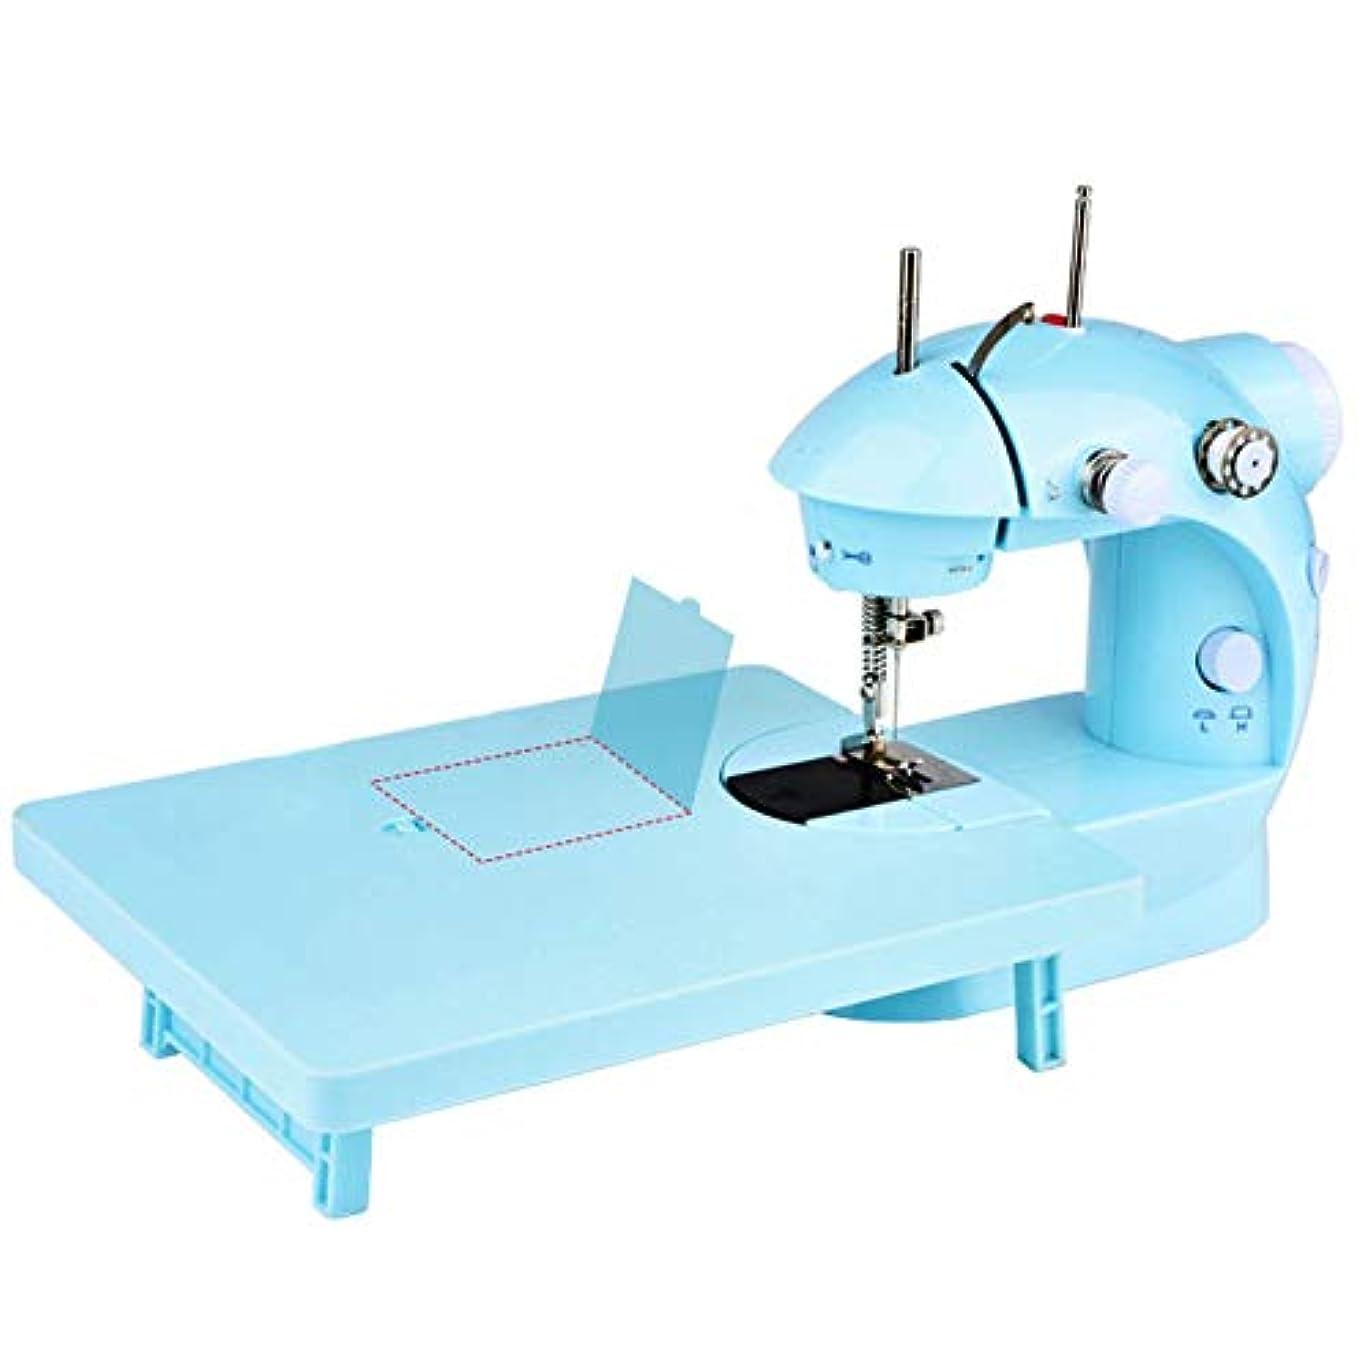 位置する賞賛届けるミシン電動ミニ小型家庭用デスクトップミシン拡張テーブル付き多機能ミシン